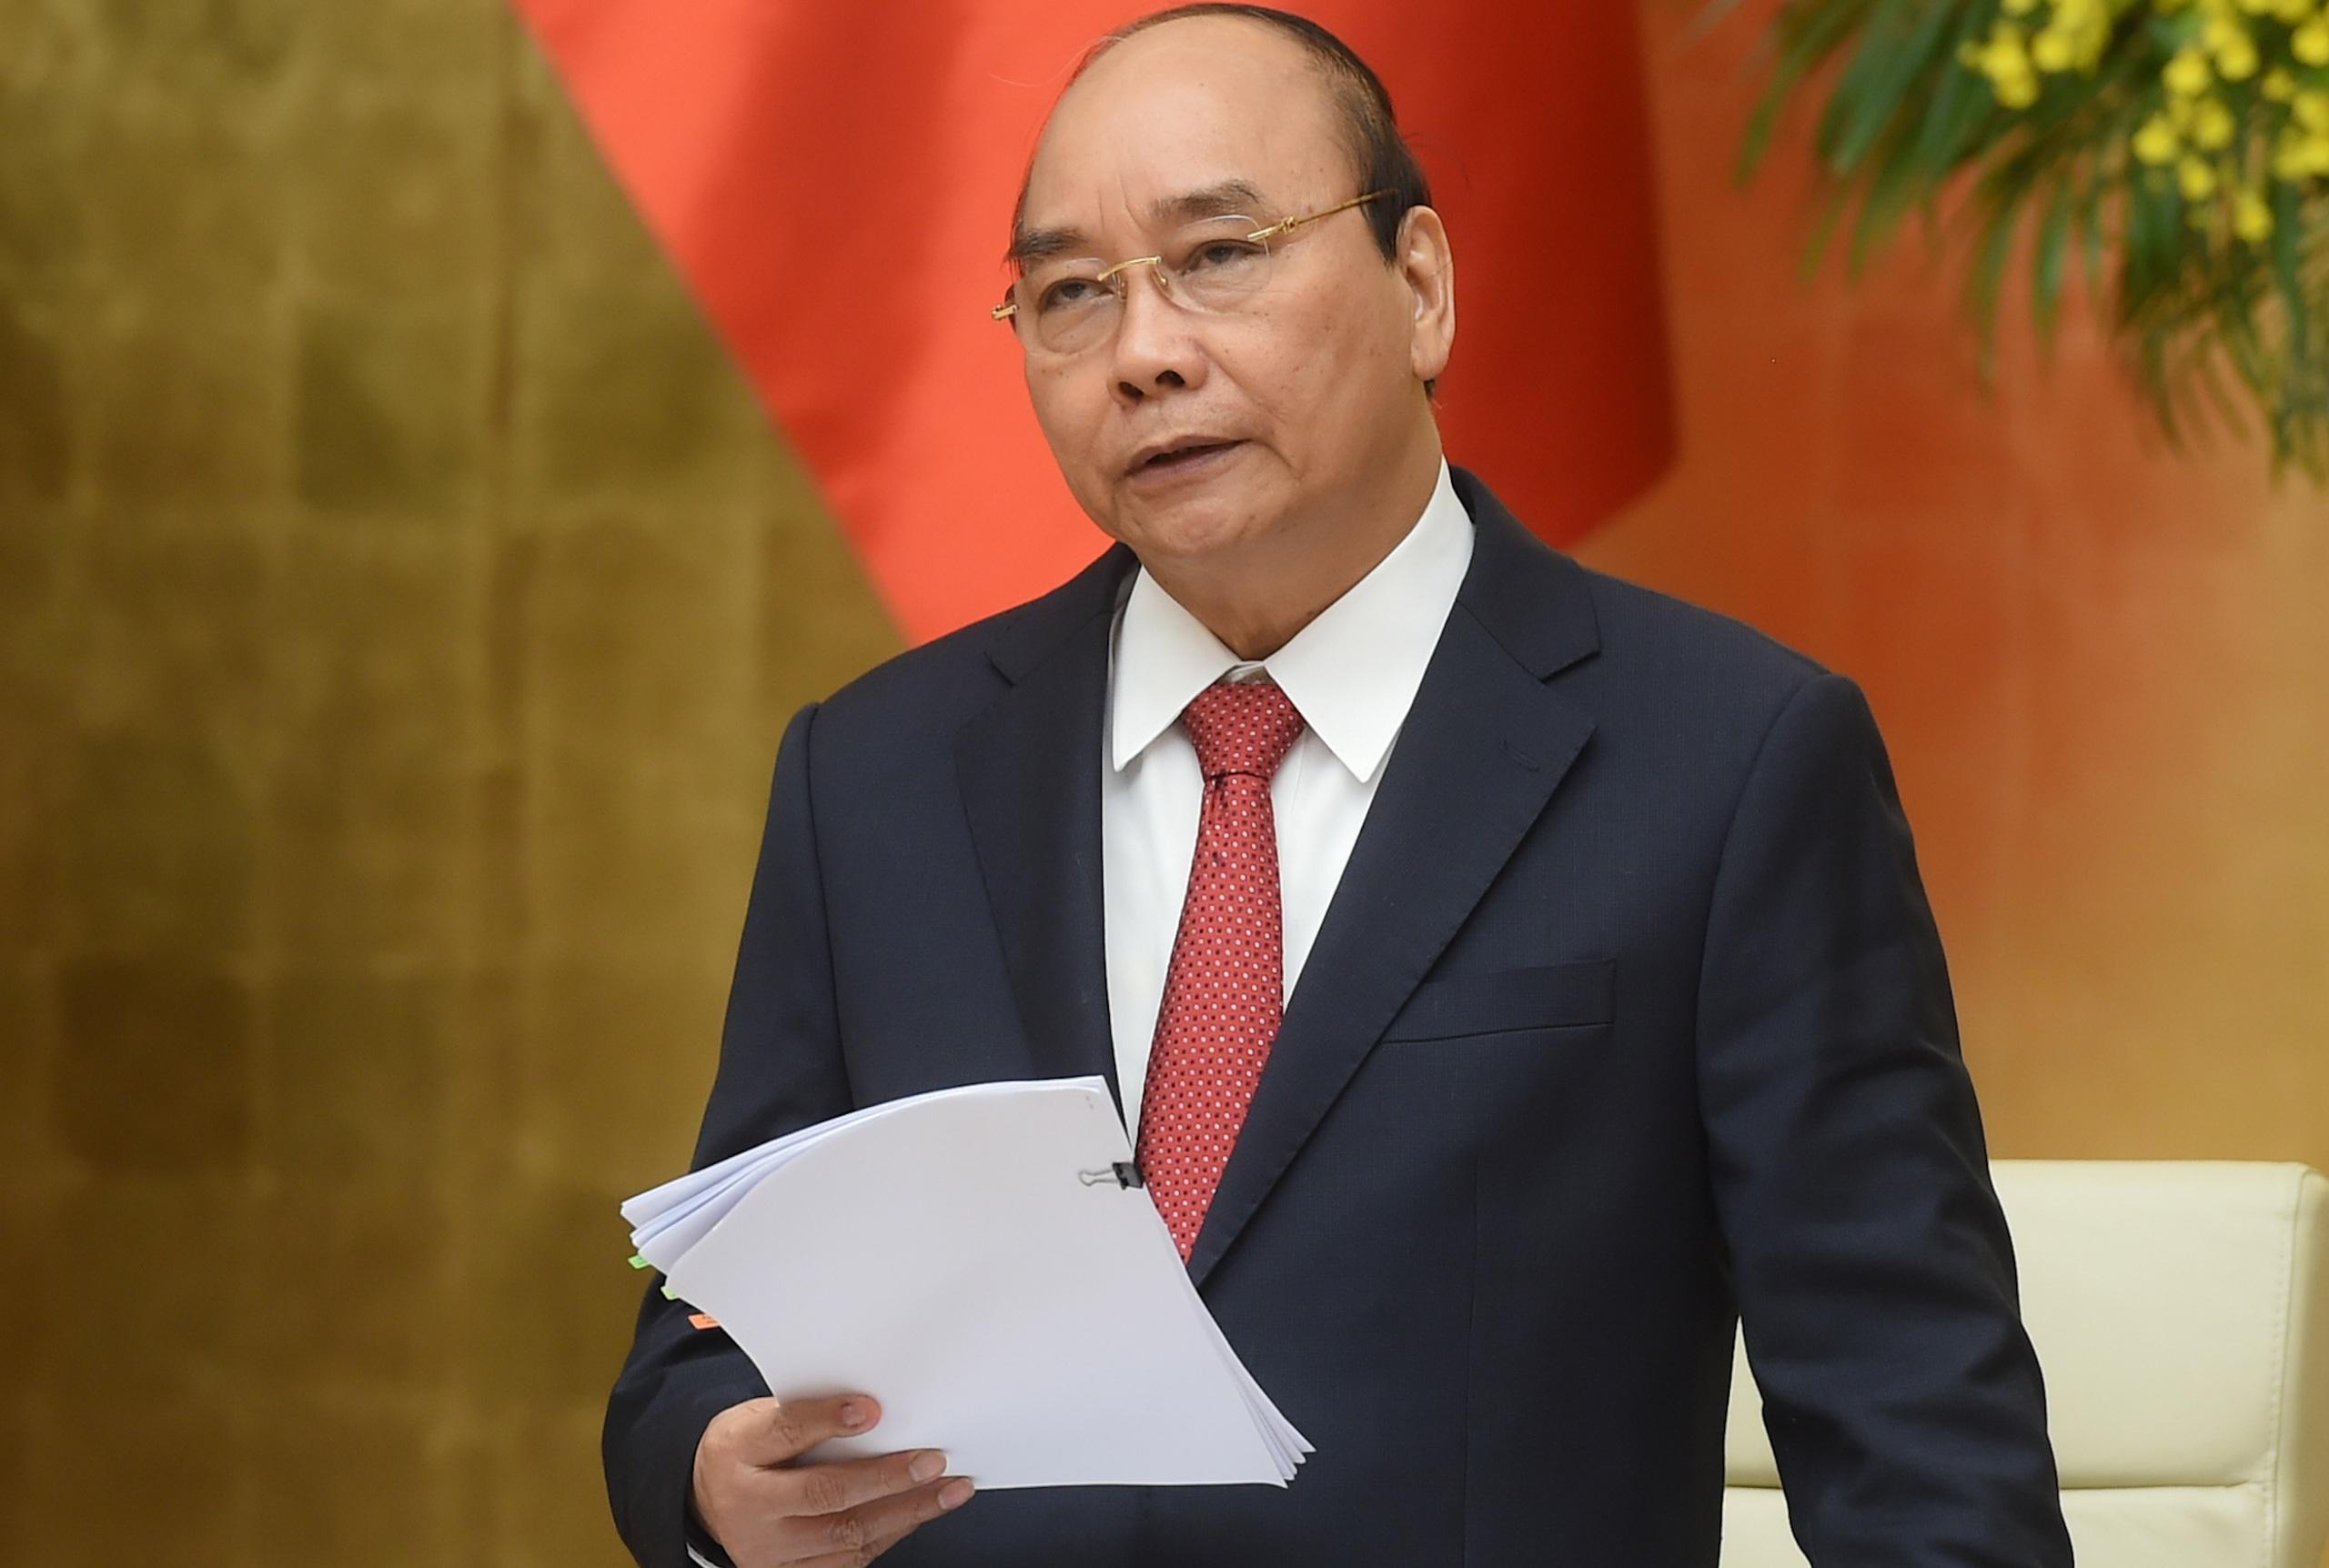 Thủ tướng: Kinh tế có dấu hiệu đáng mừng, nông nghiệp được mùa, được giá